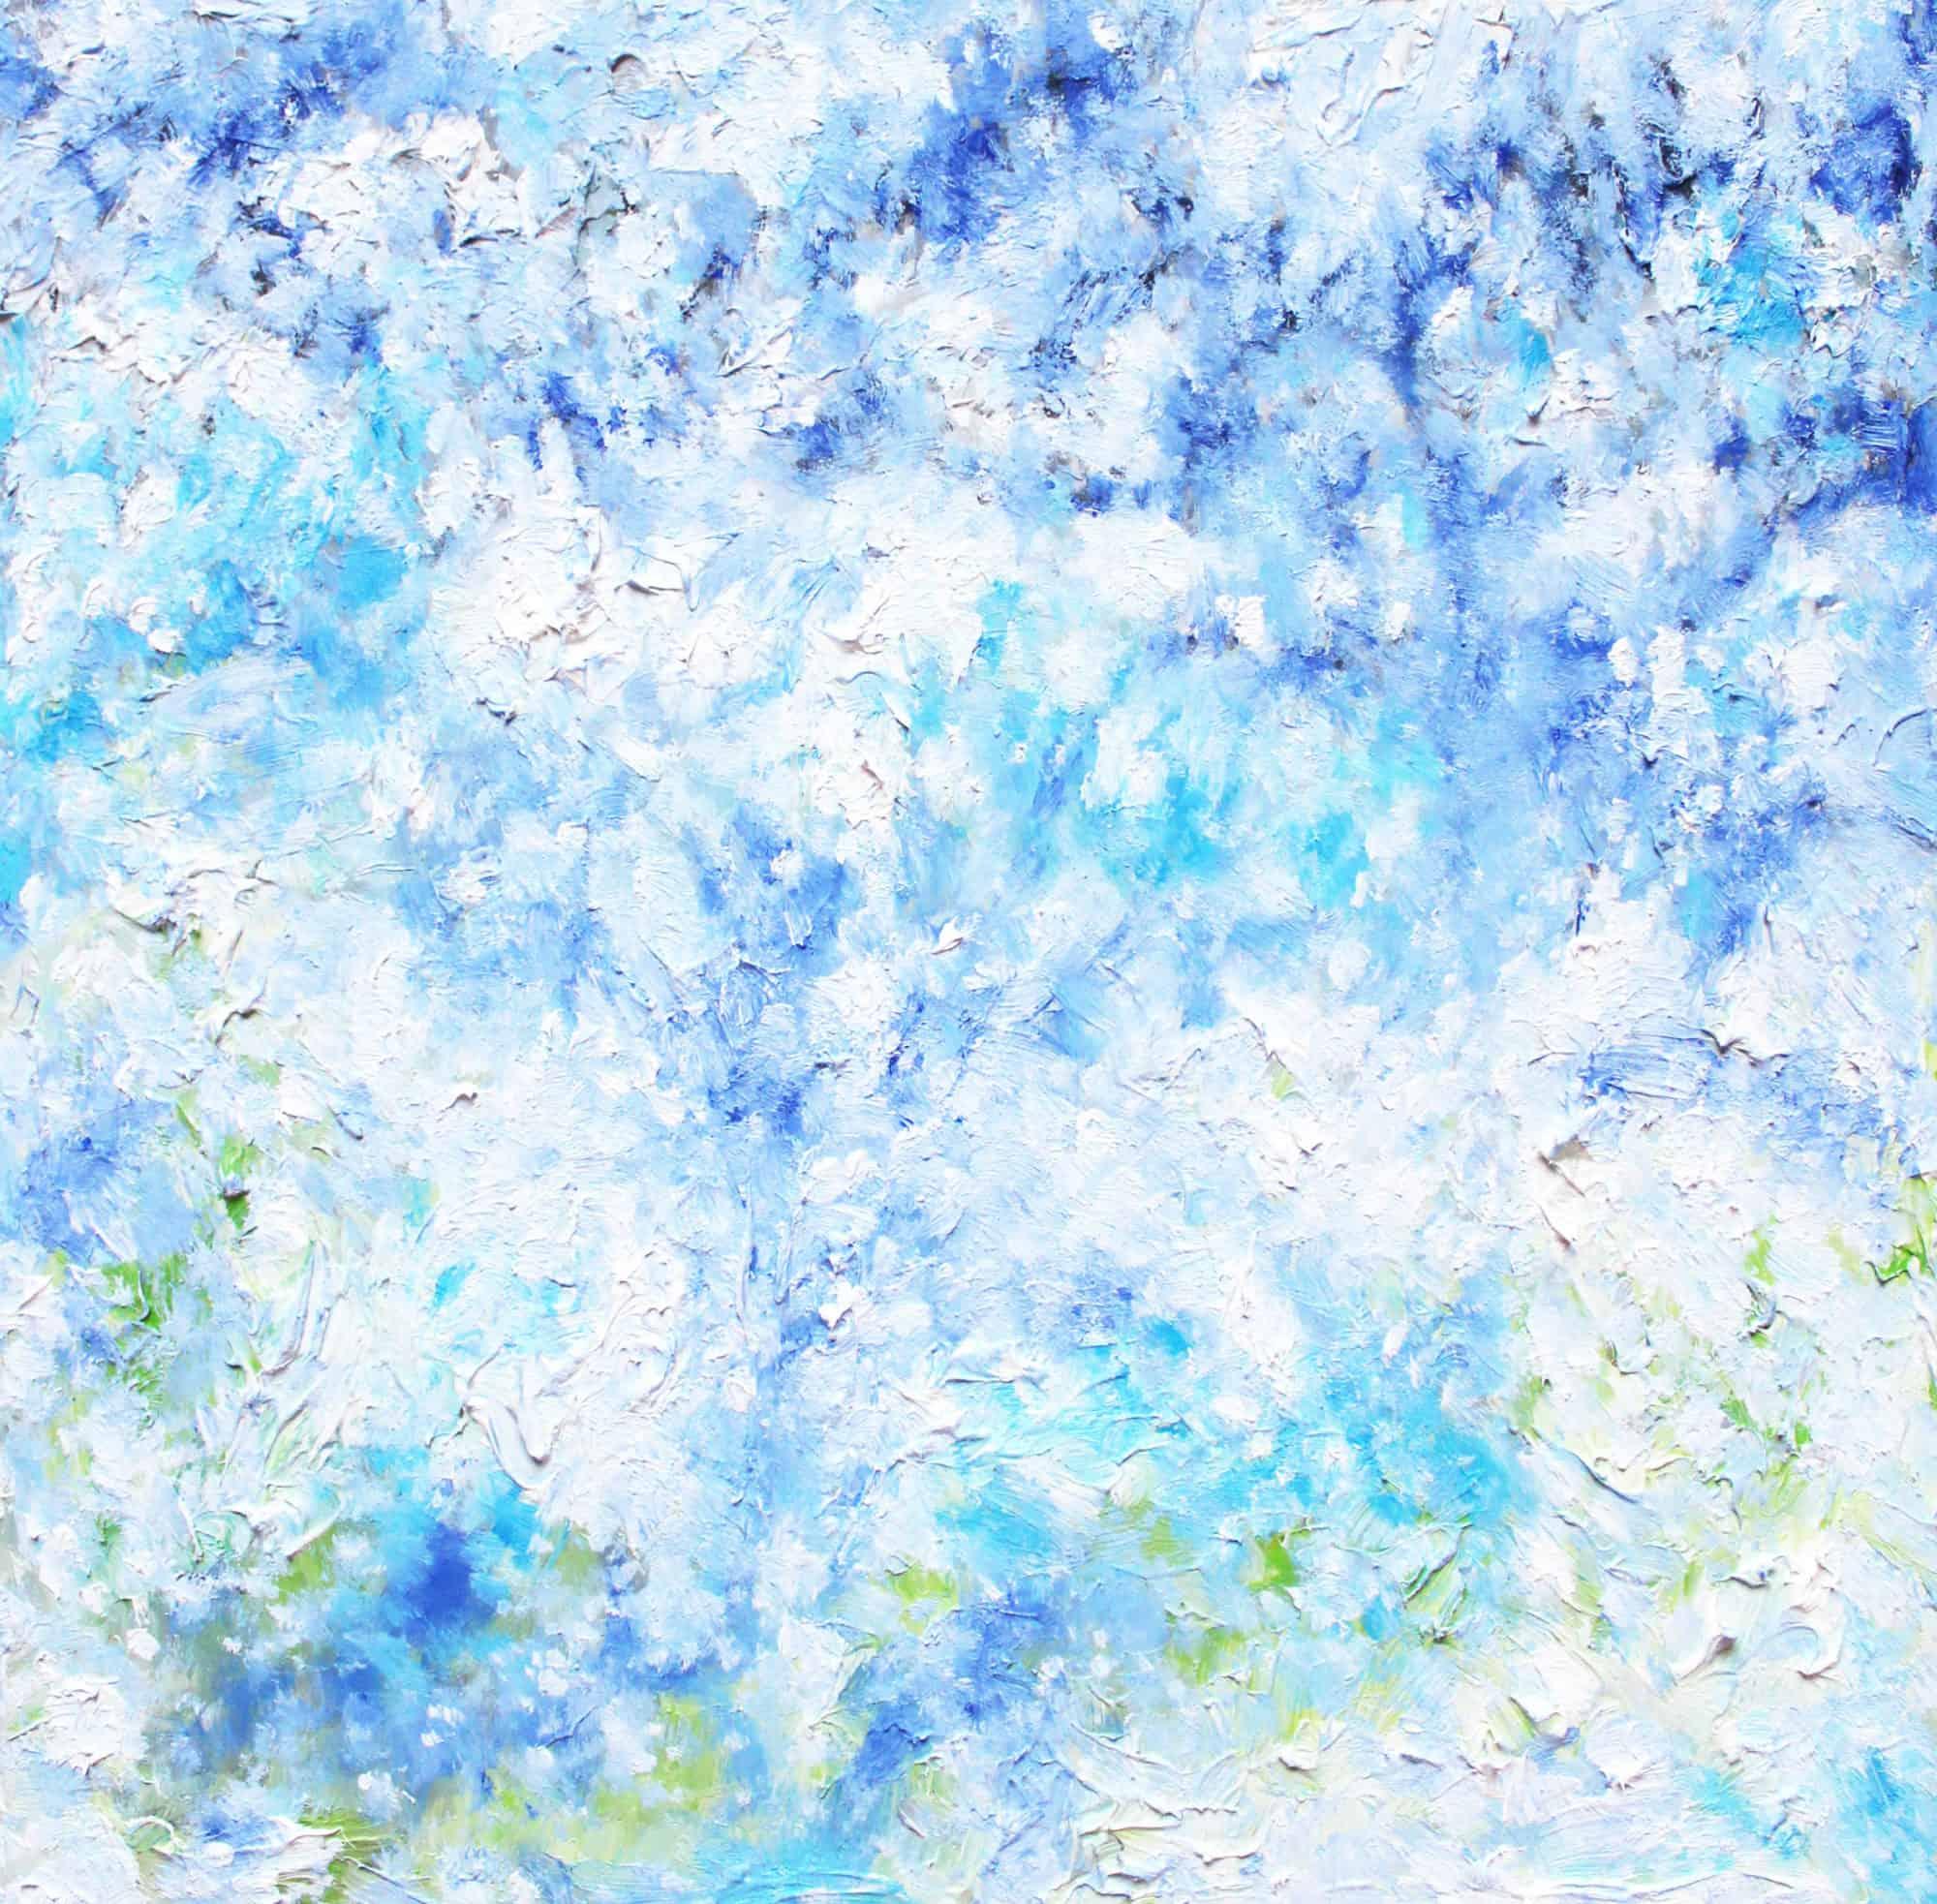 Acryl Gemälde abstrakter Himmel